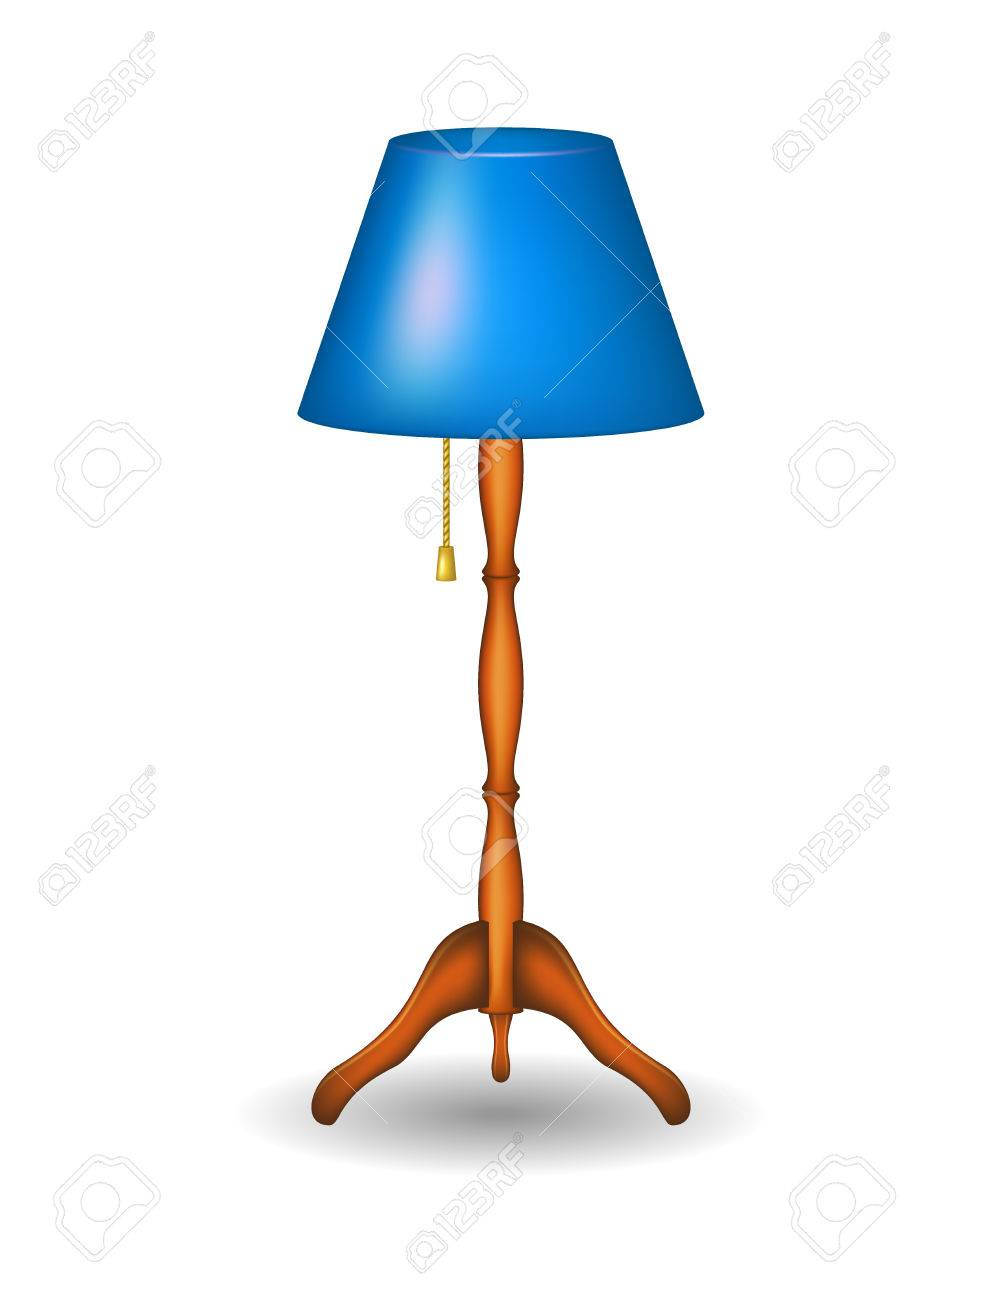 Lampe clipart  Pied De Lampe Clip Art Libres De Droits , Vecteurs Et Illustration ...